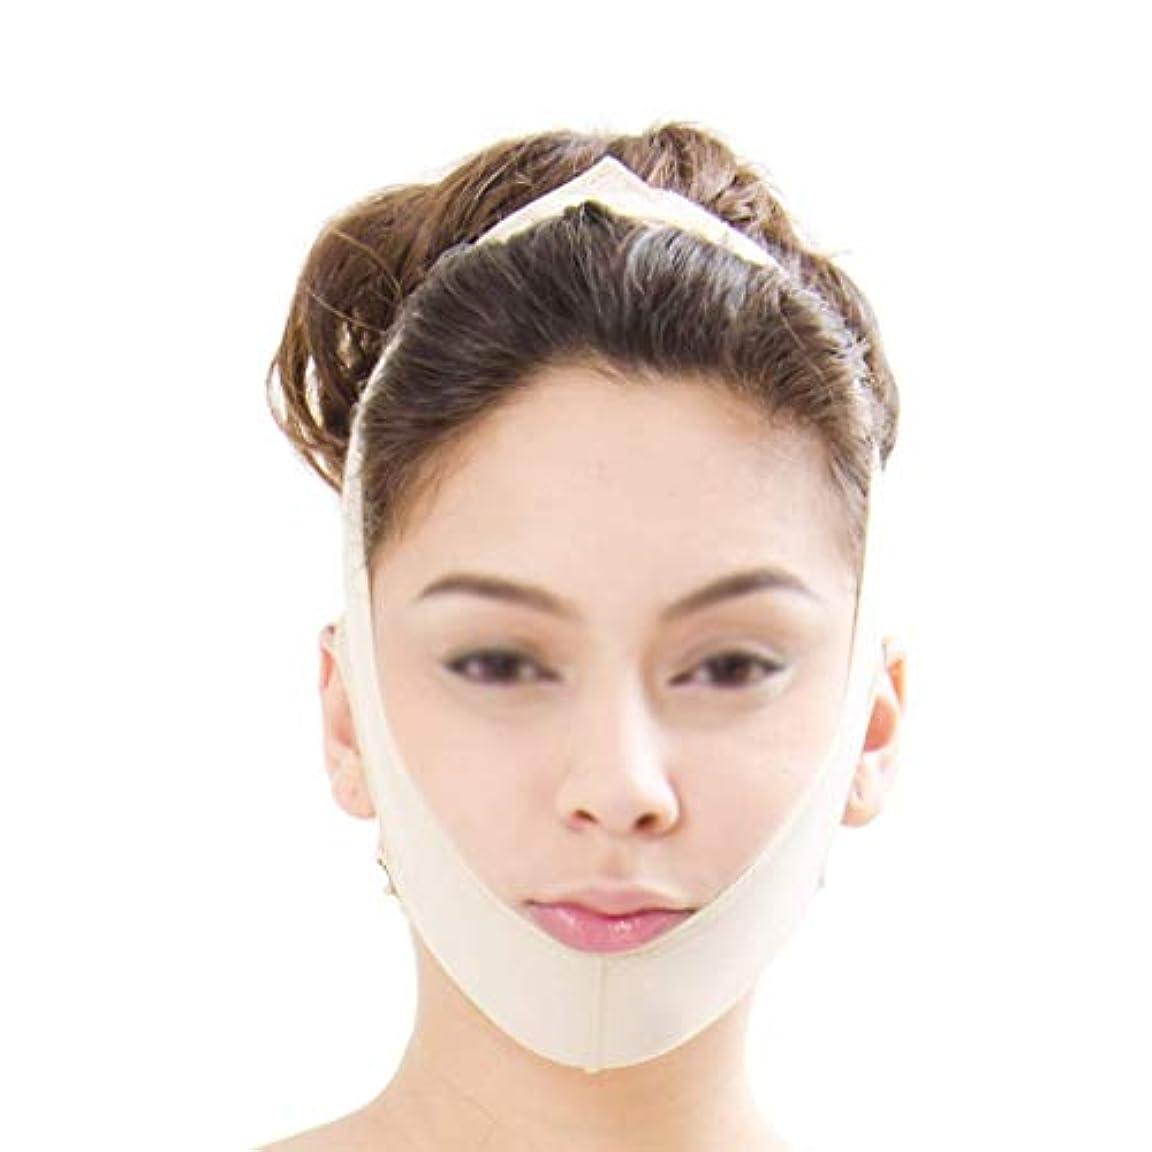 情熱からに変化するハンカチフェイススリミングバンデージ、フェイスリフティングマスク、フェイスリフティングバンデージ、フェイシャル減量マスク、ダブルチンケア減量(サイズ:M),S